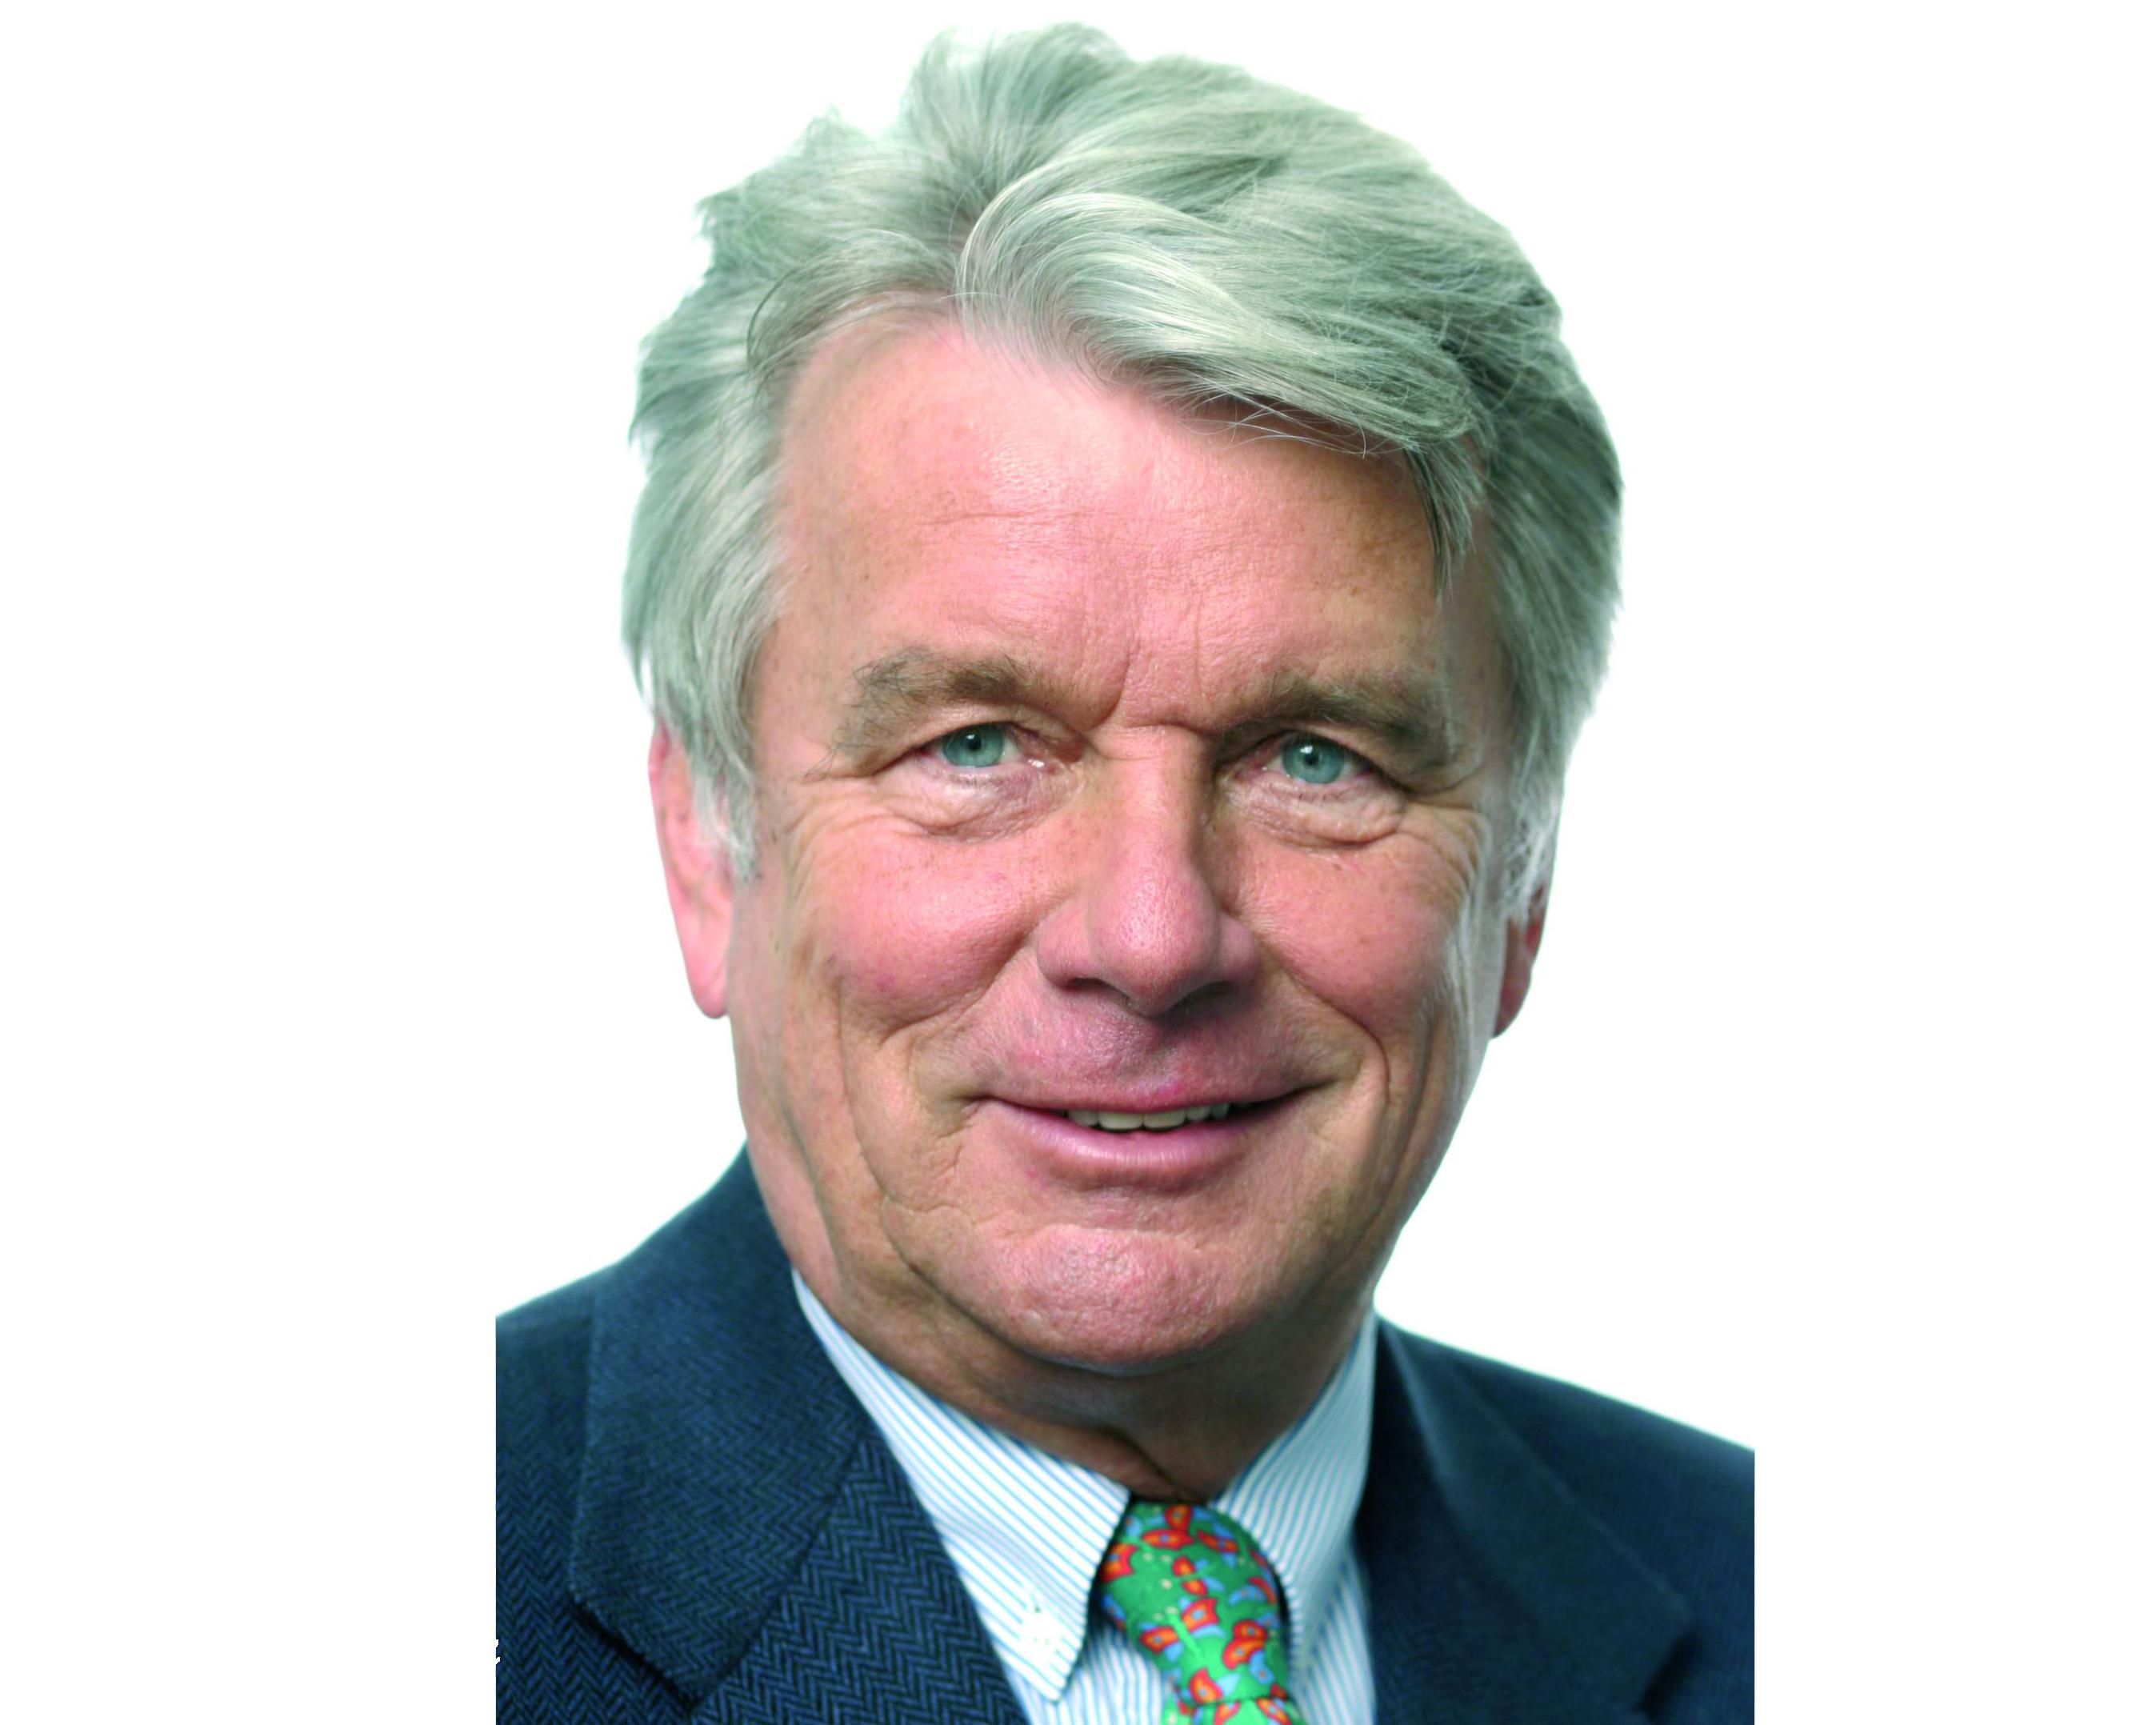 Person, Vorstand Dr. Hans Peter Haselsteiner Vorstandsvorsitzender der BAUHOLDING STRABAG SE Konzernzentrale Wien, Österreich 1. 2. 2006, Kainrath